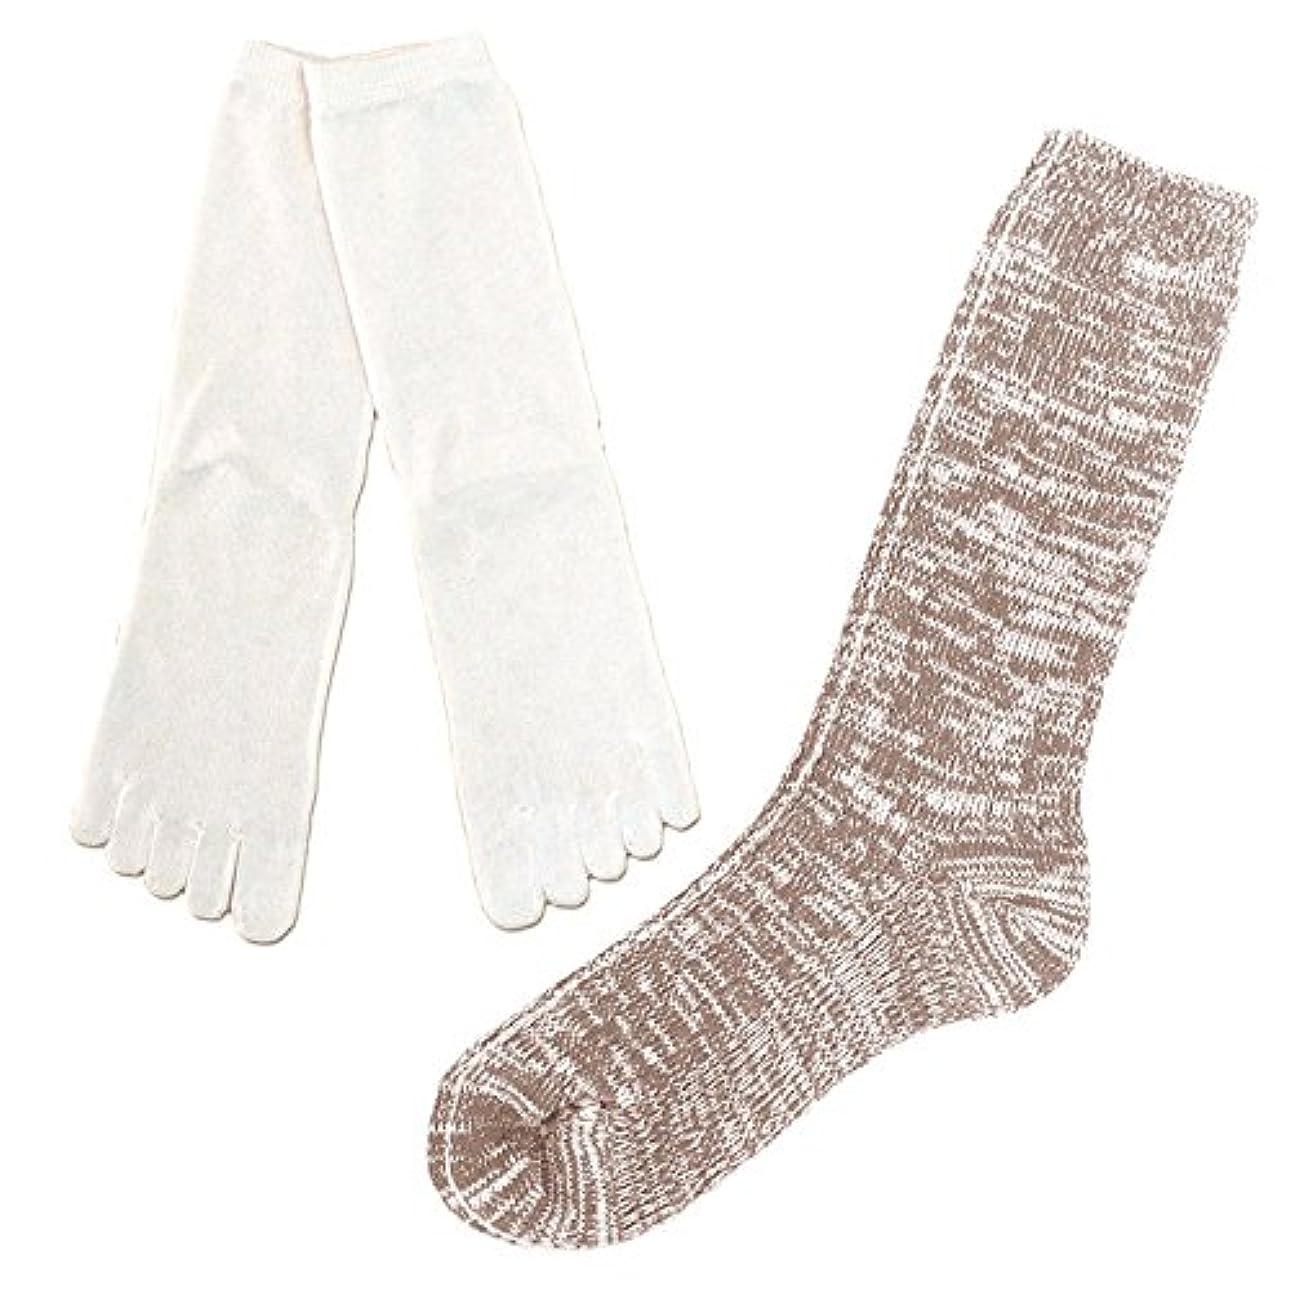 二週間冷える変更シルク 5本指 & コットン リブ ソックス 冷えとり 2足セット 重ね履き 靴下 日本製 23-25cm (ベージュ杢)